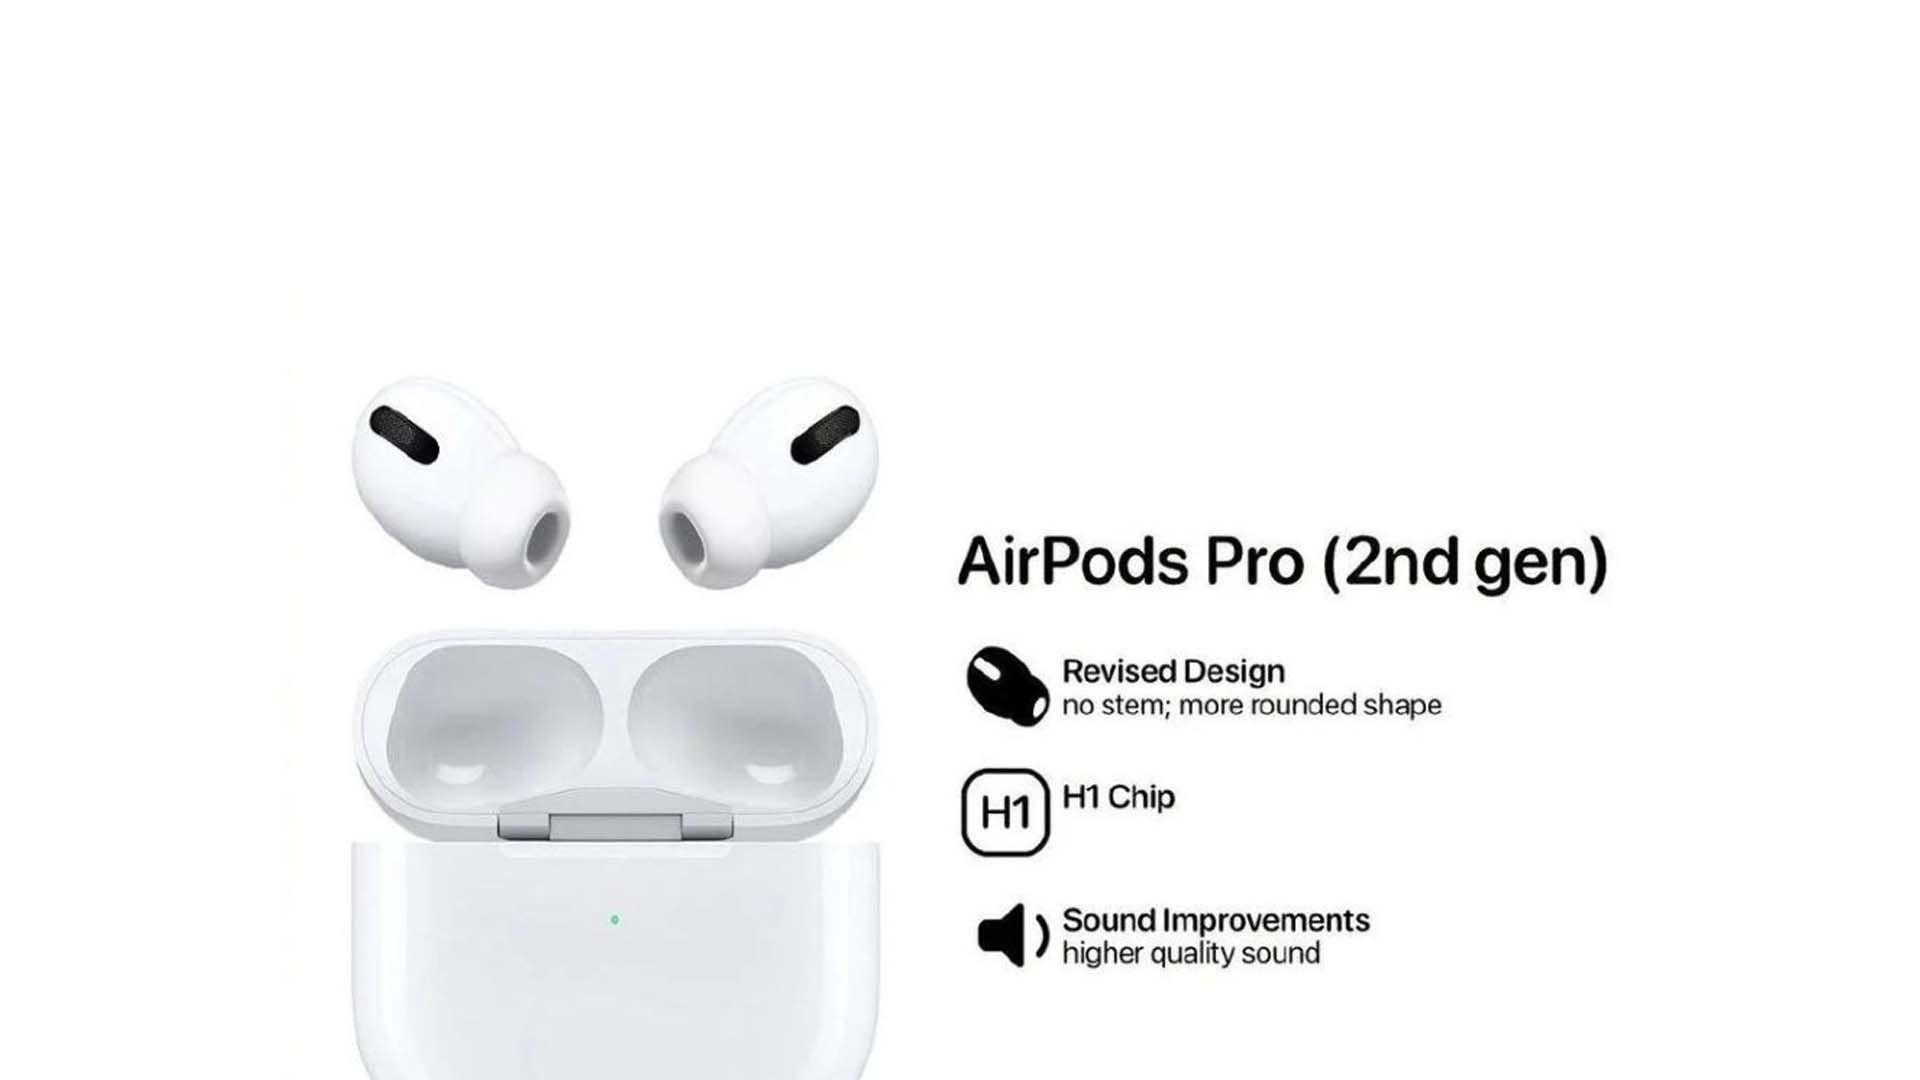 Imagem do possível design do AirPods 2 Pro.